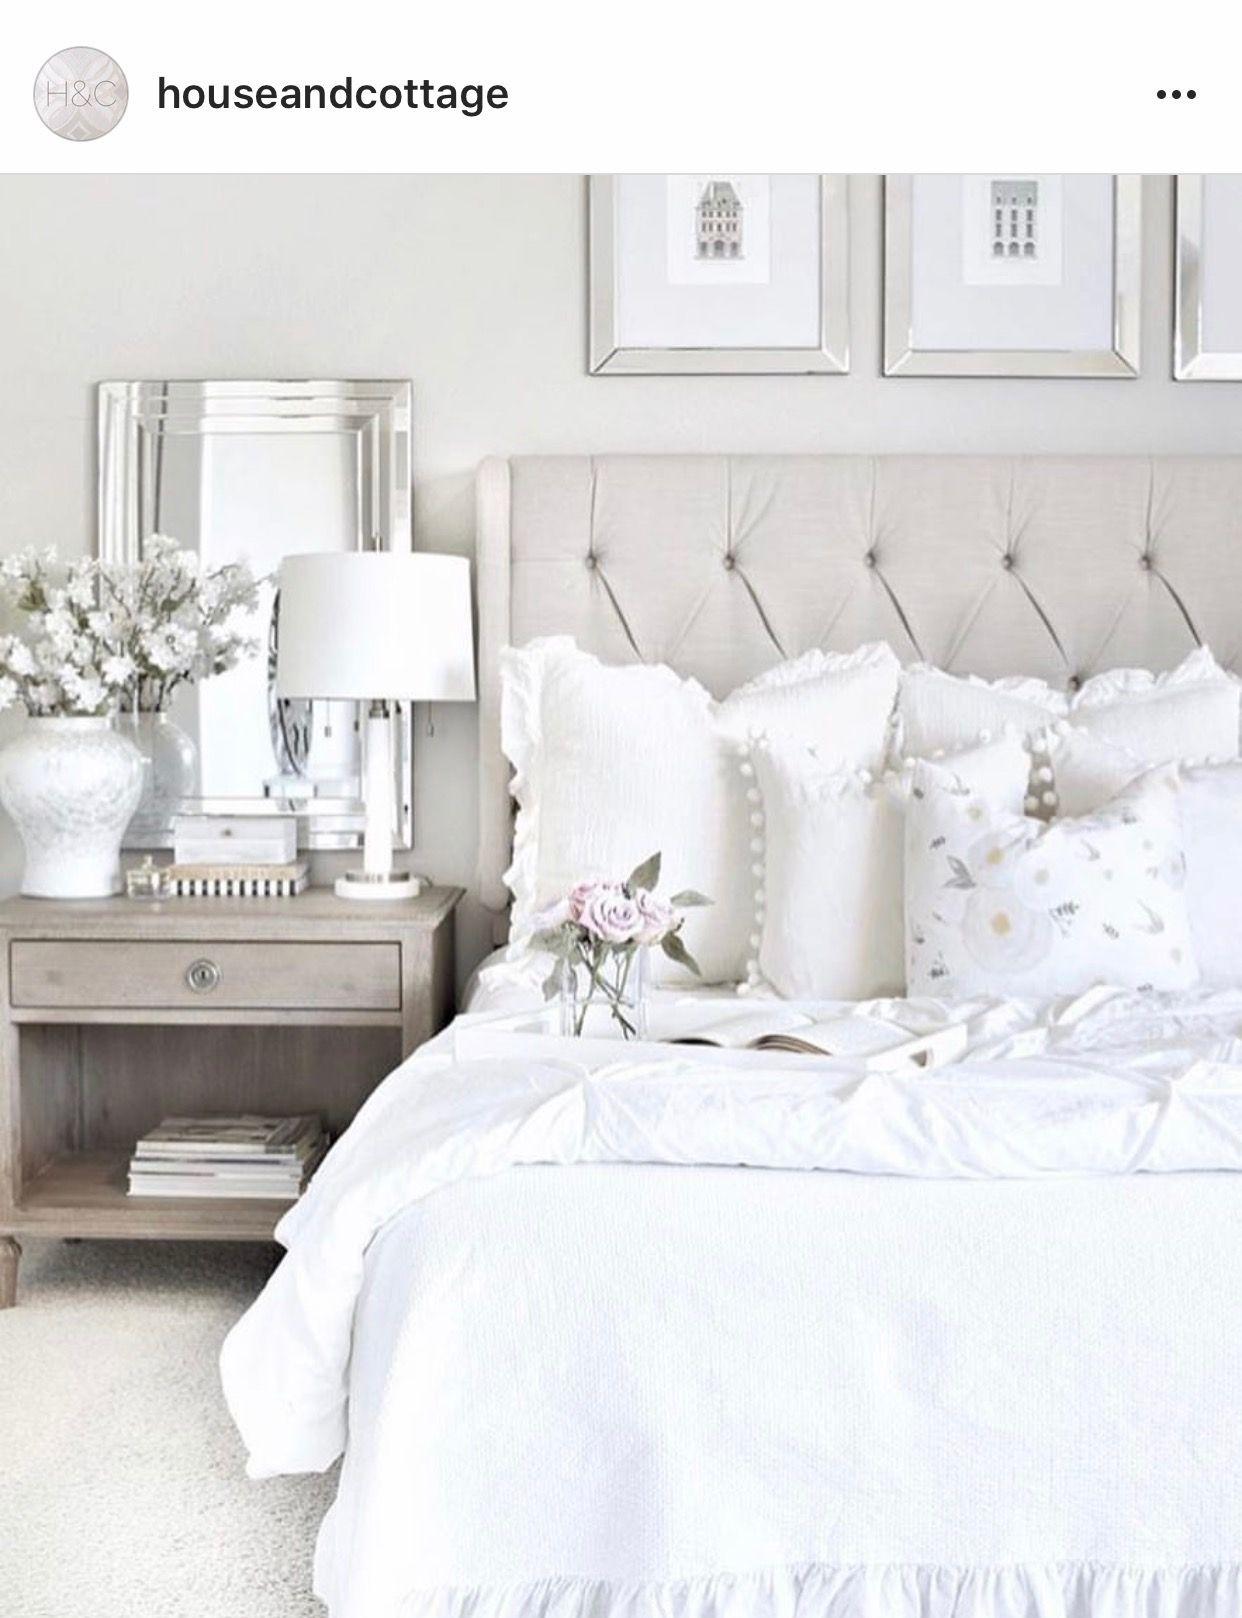 Small Romantic Master Bedroom Ideas: Home & Decor In 2019